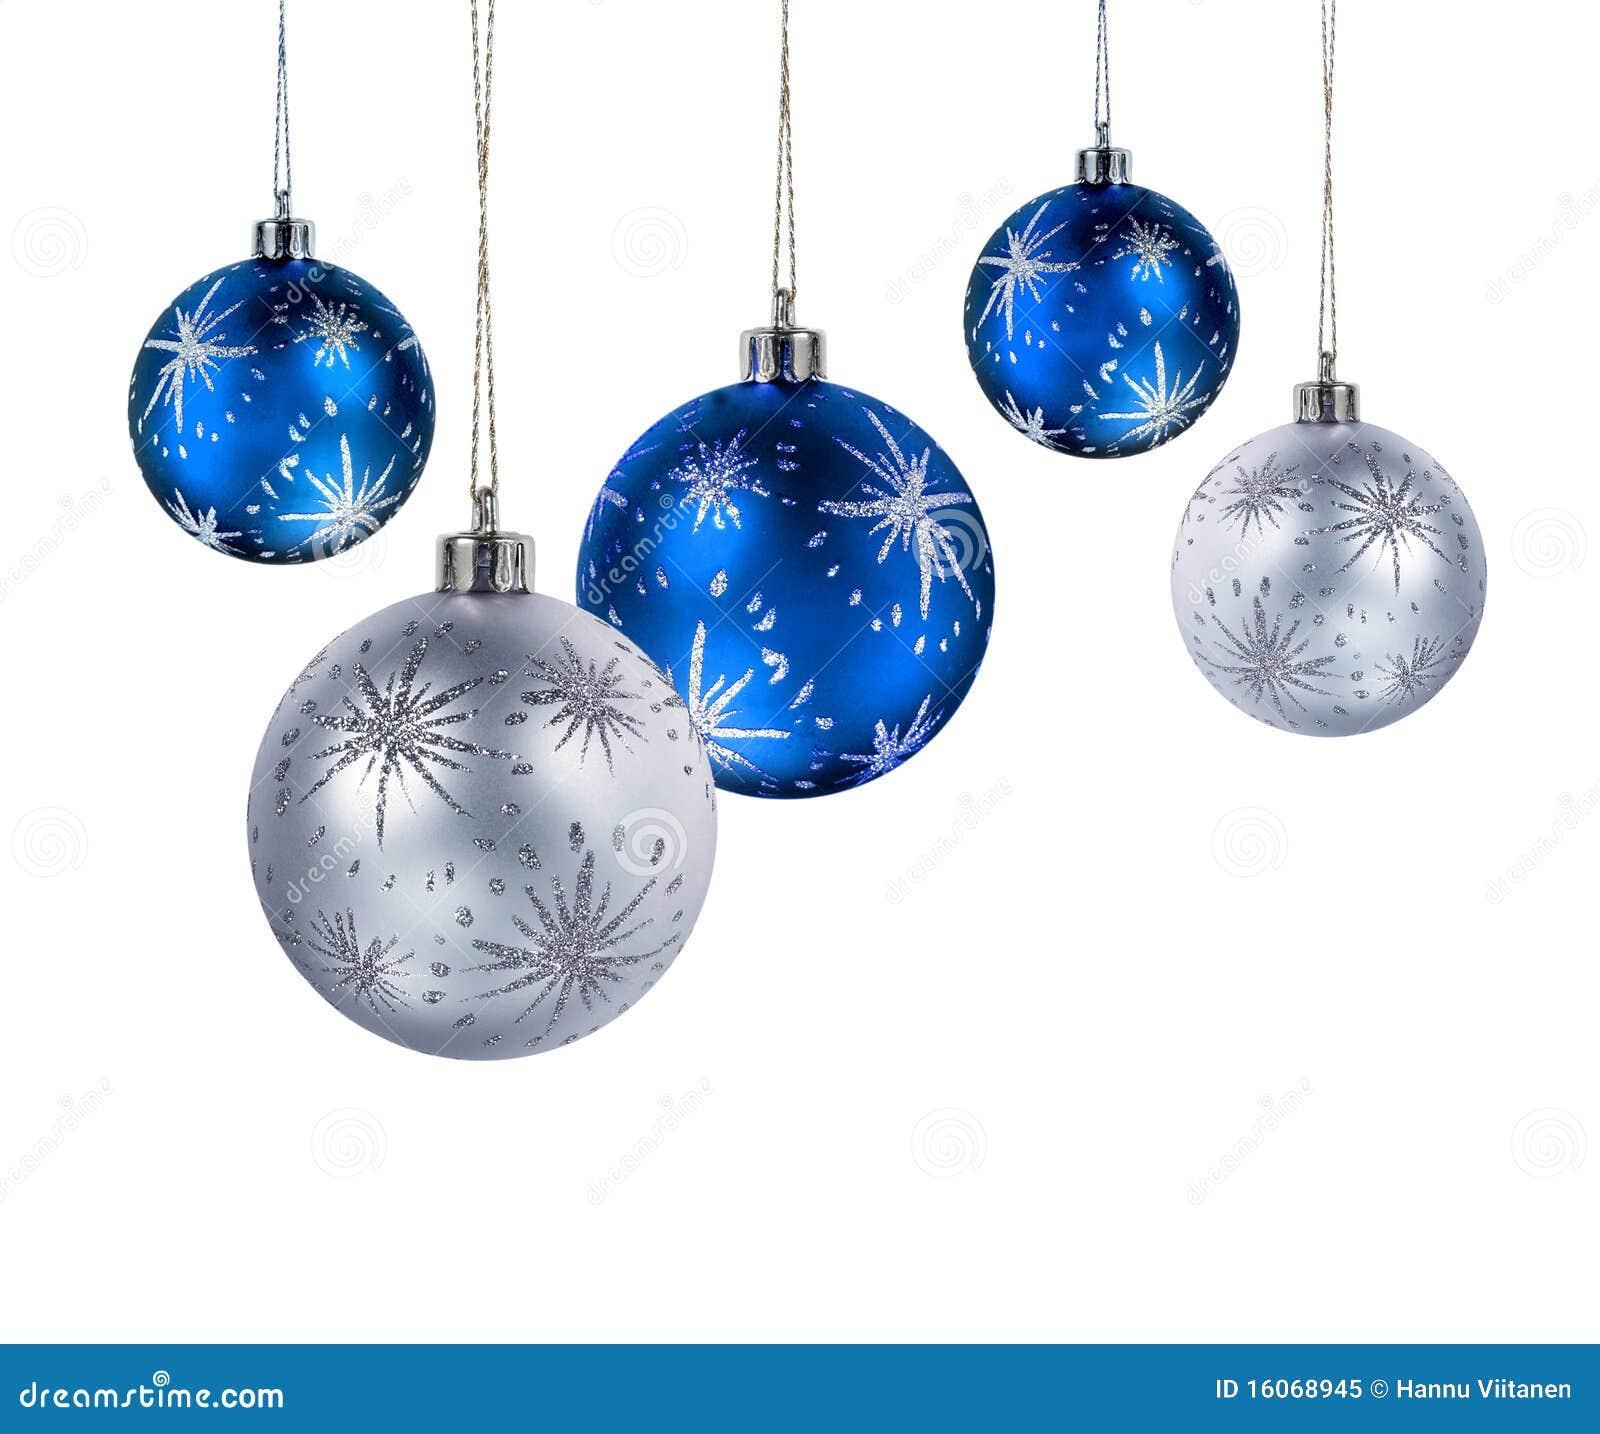 blaue silberne weihnachtskugeln stockbild bild von. Black Bedroom Furniture Sets. Home Design Ideas